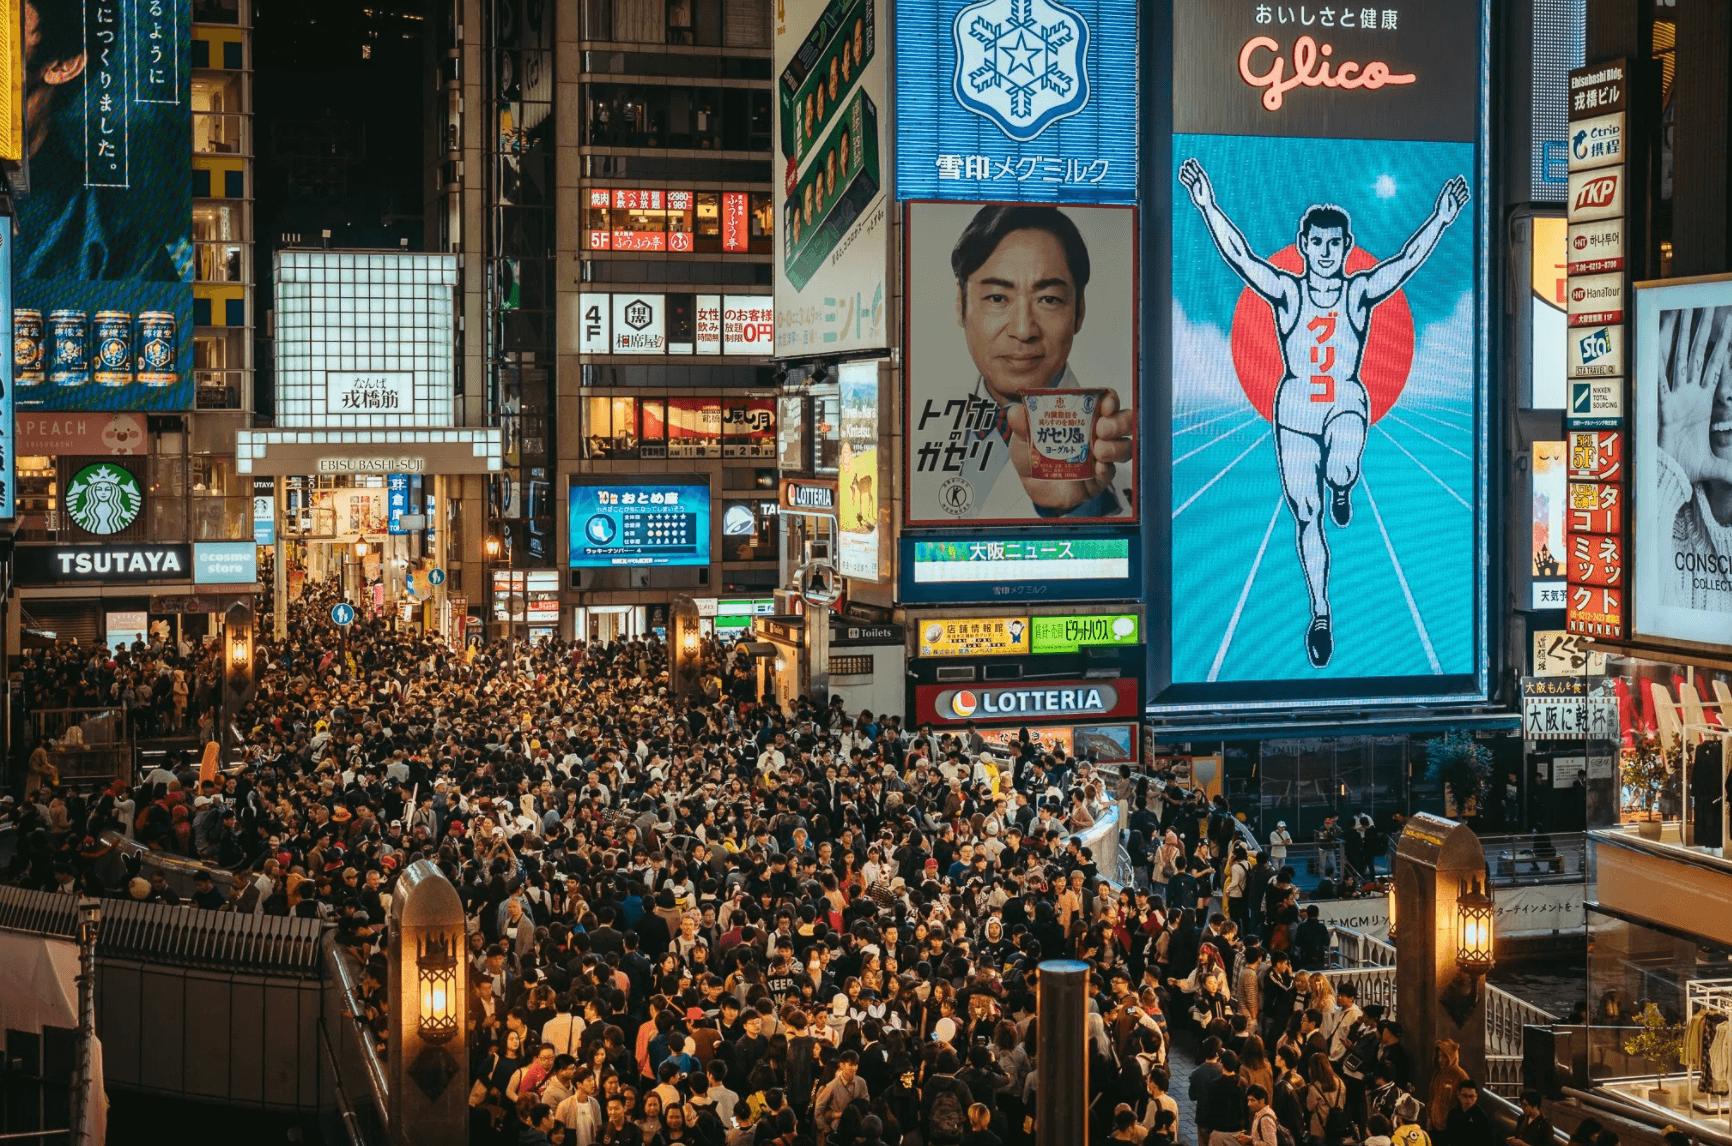 大阪のハロウィンの様子